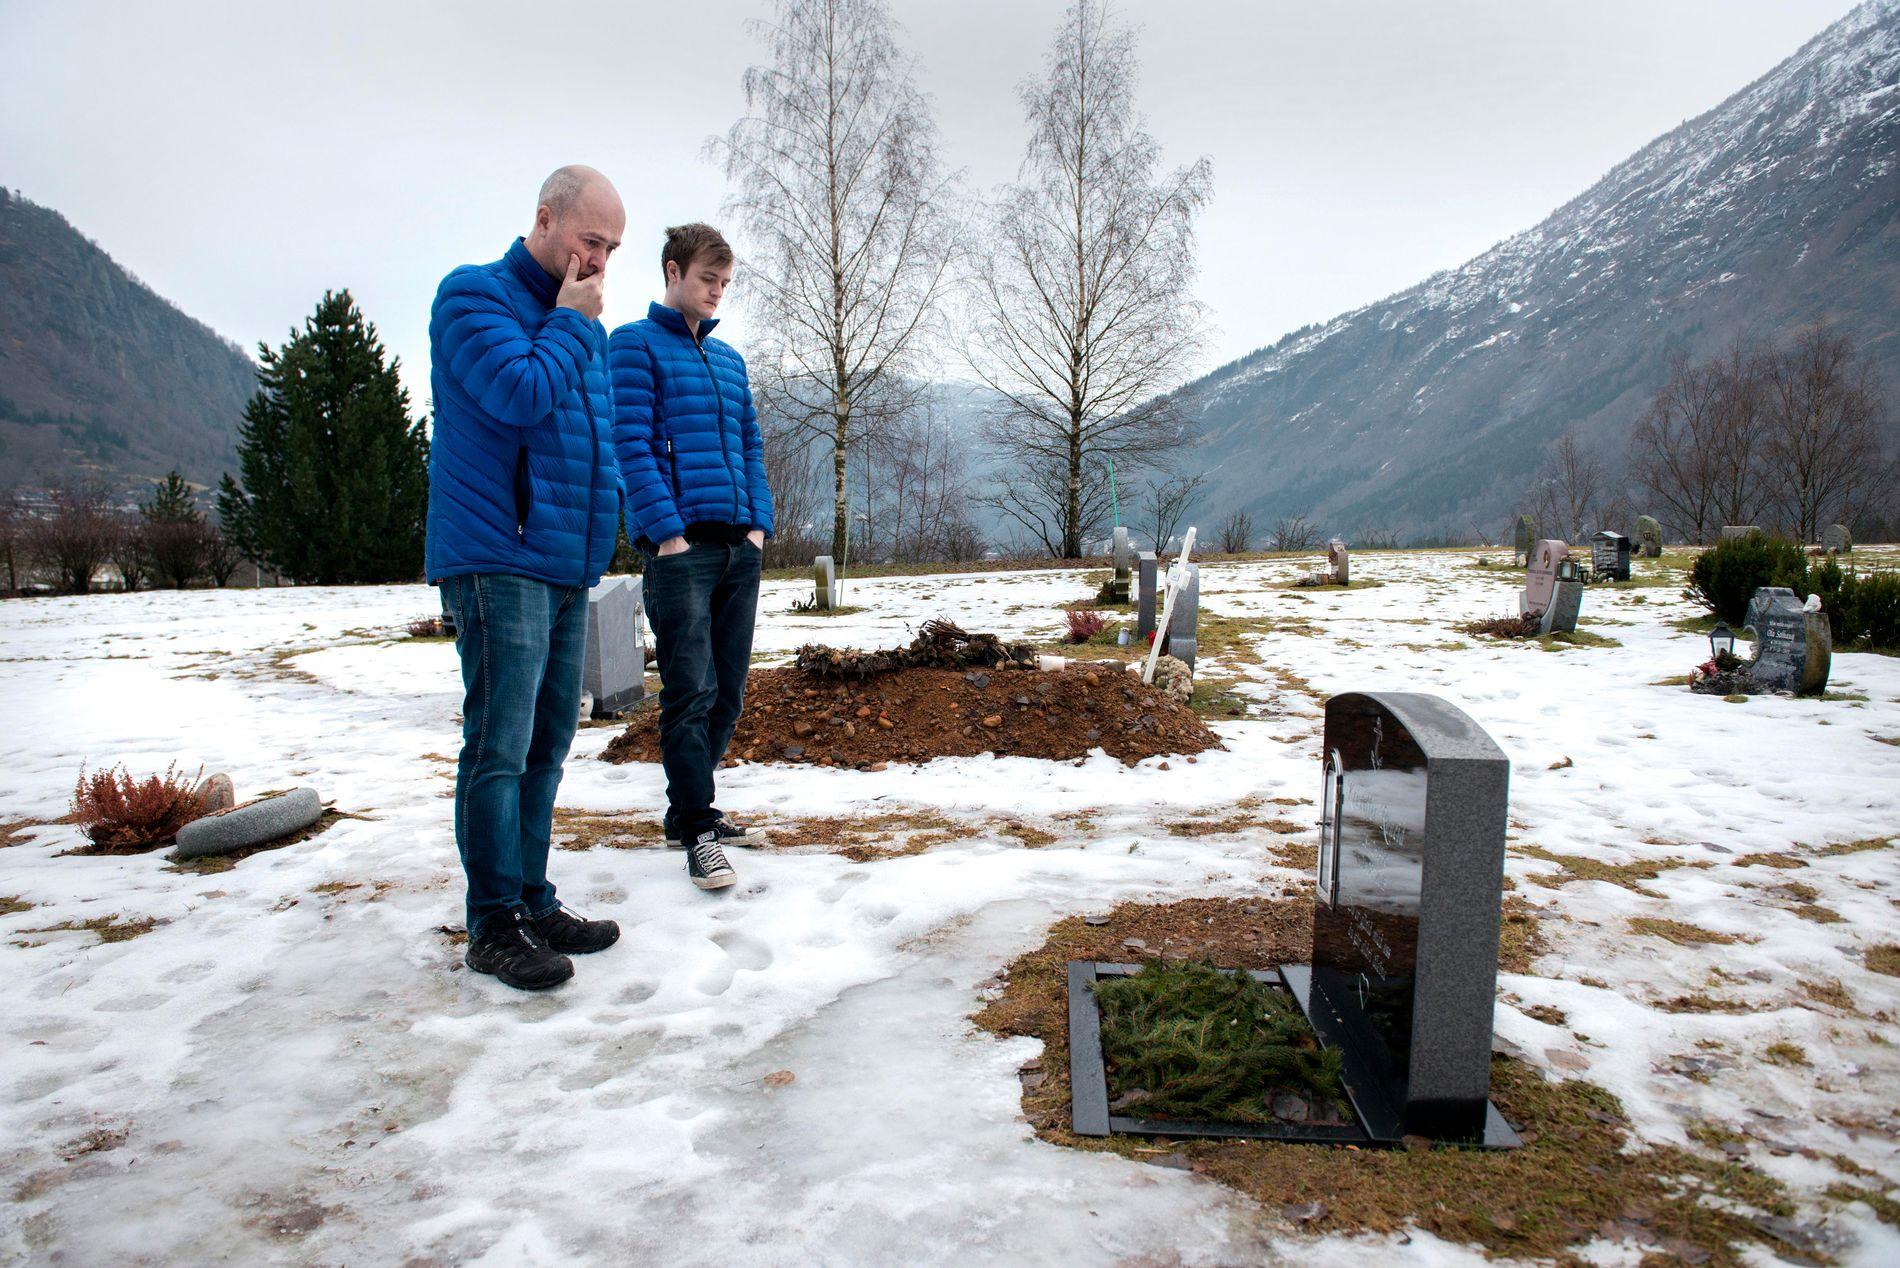 HVILESTED: Knut Røneid besøkjer sonen Kristoffers grav i Gaupne kvar dag. Her med Kristoffers bror, Håvard Røneid.